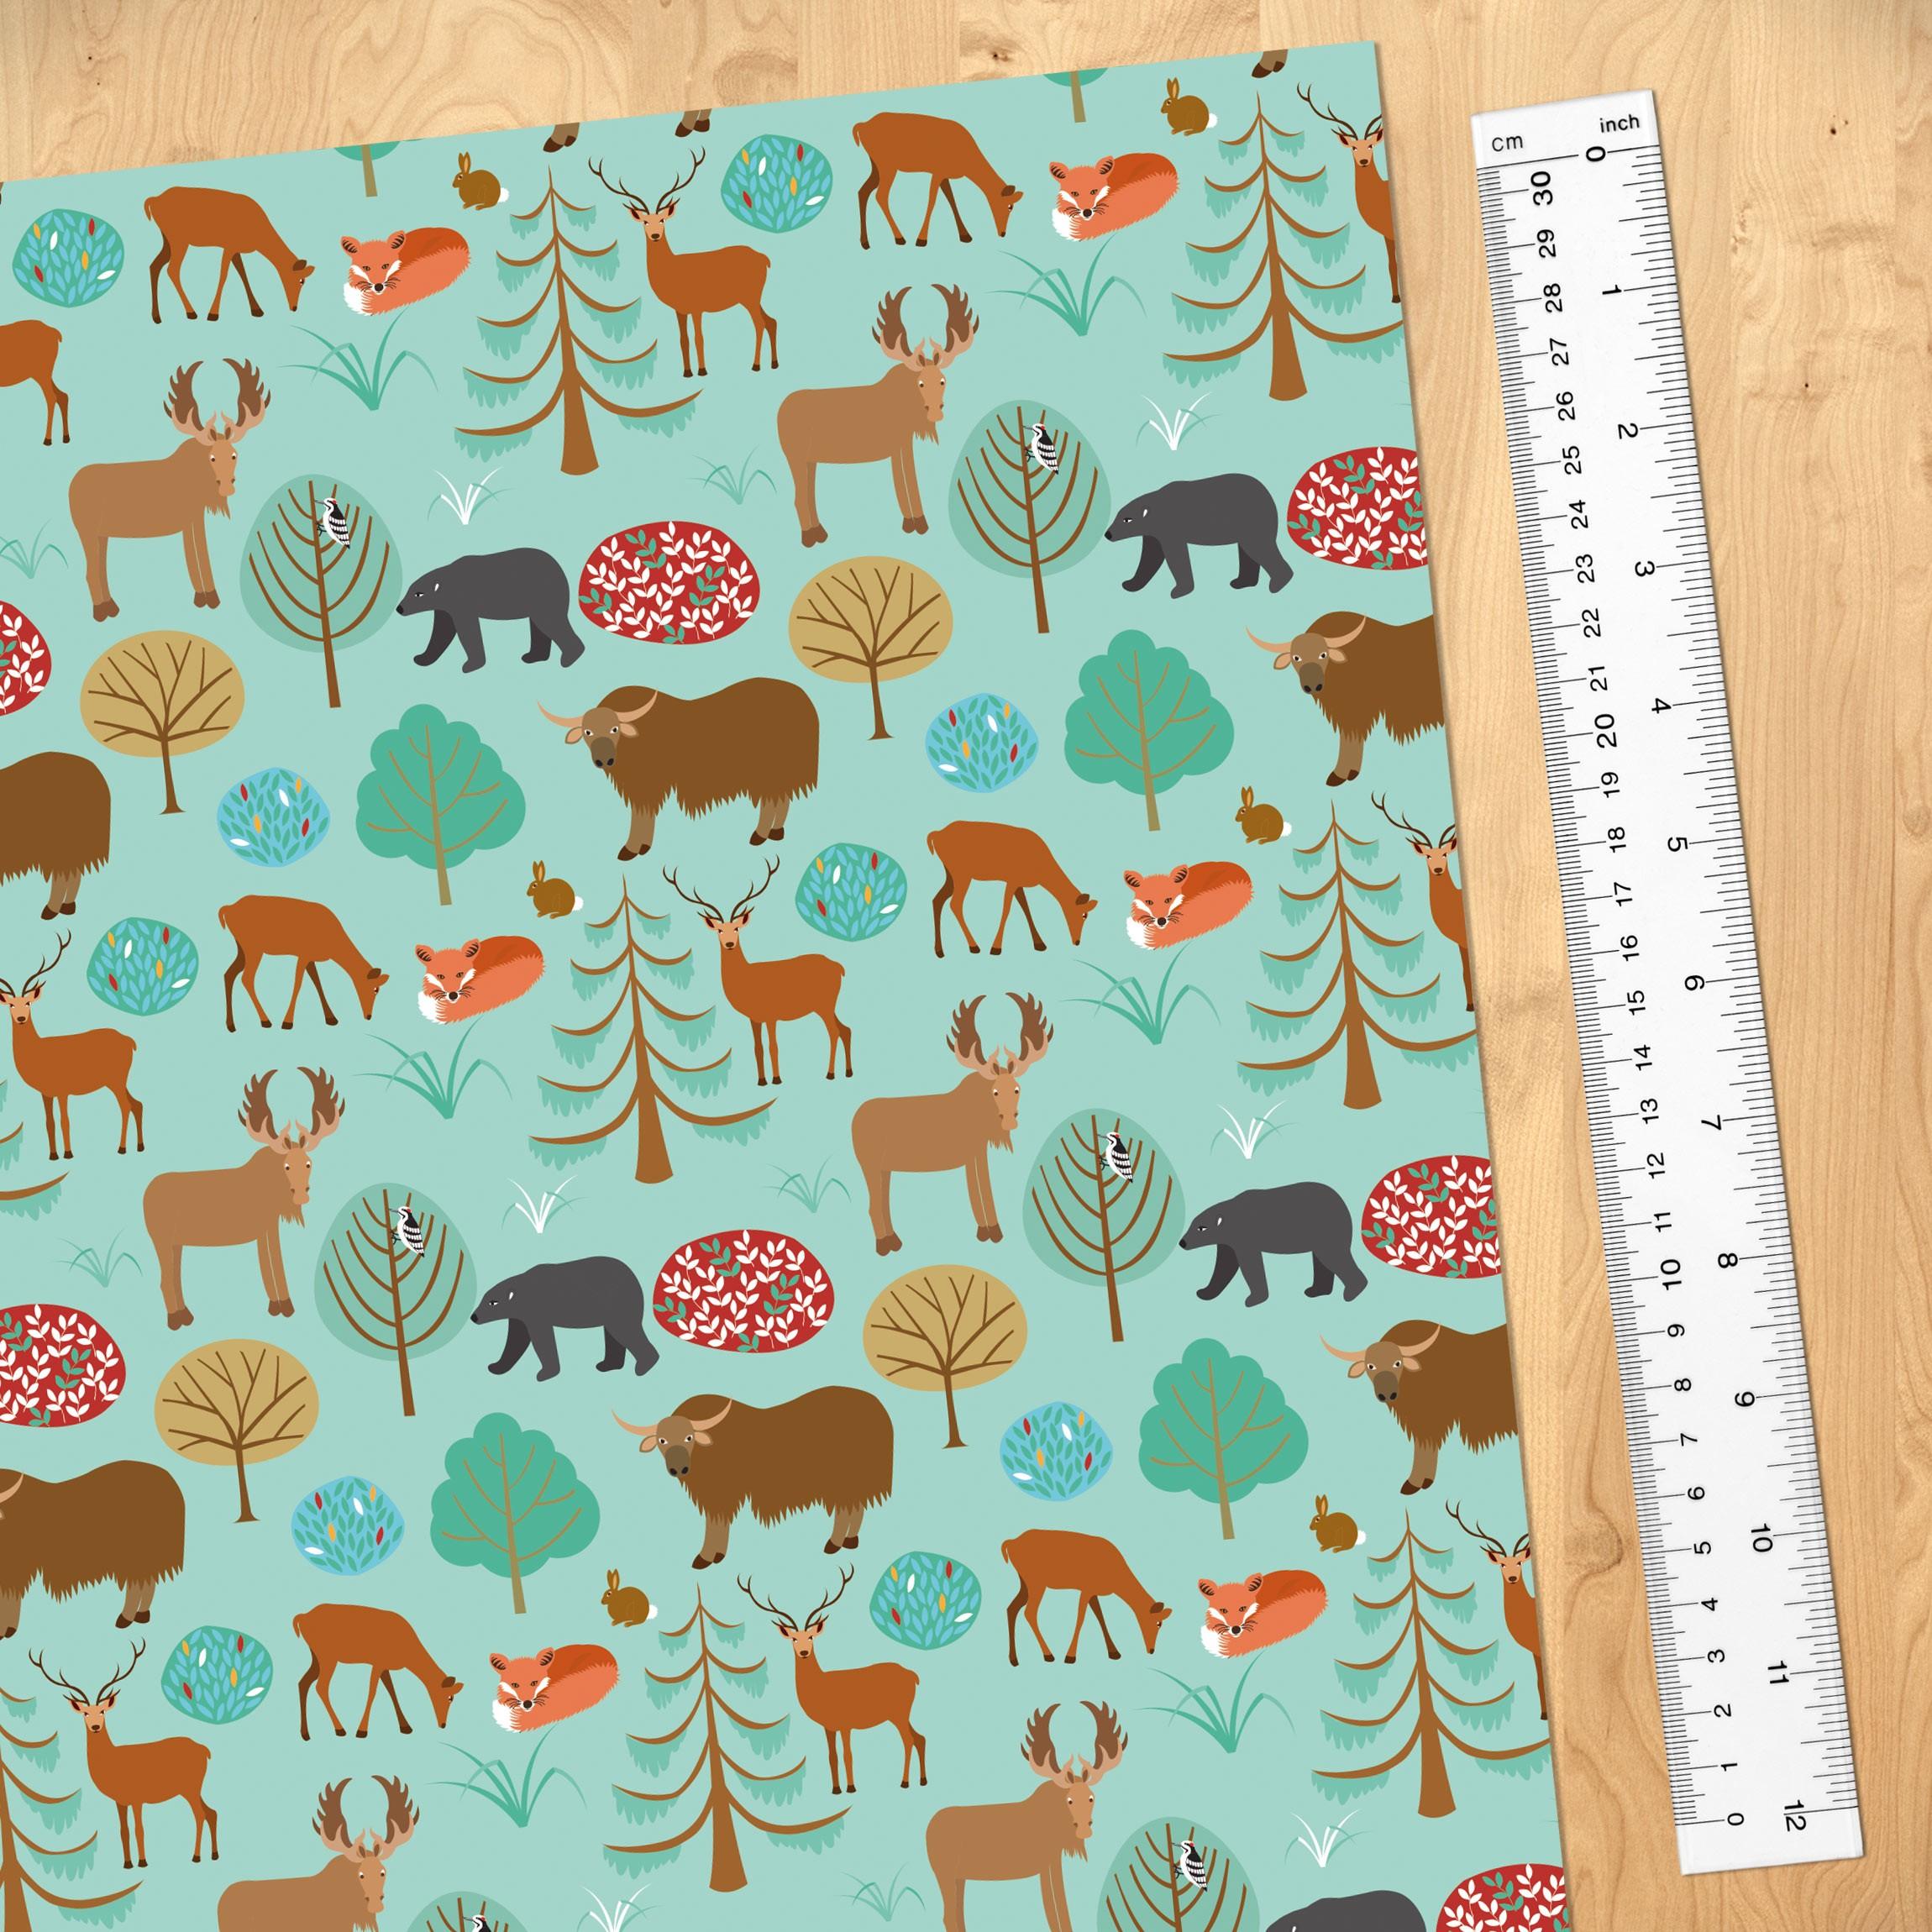 Carta adesiva per mobili modern children pattern with forest animals - Carta adesiva colorata per mobili ...